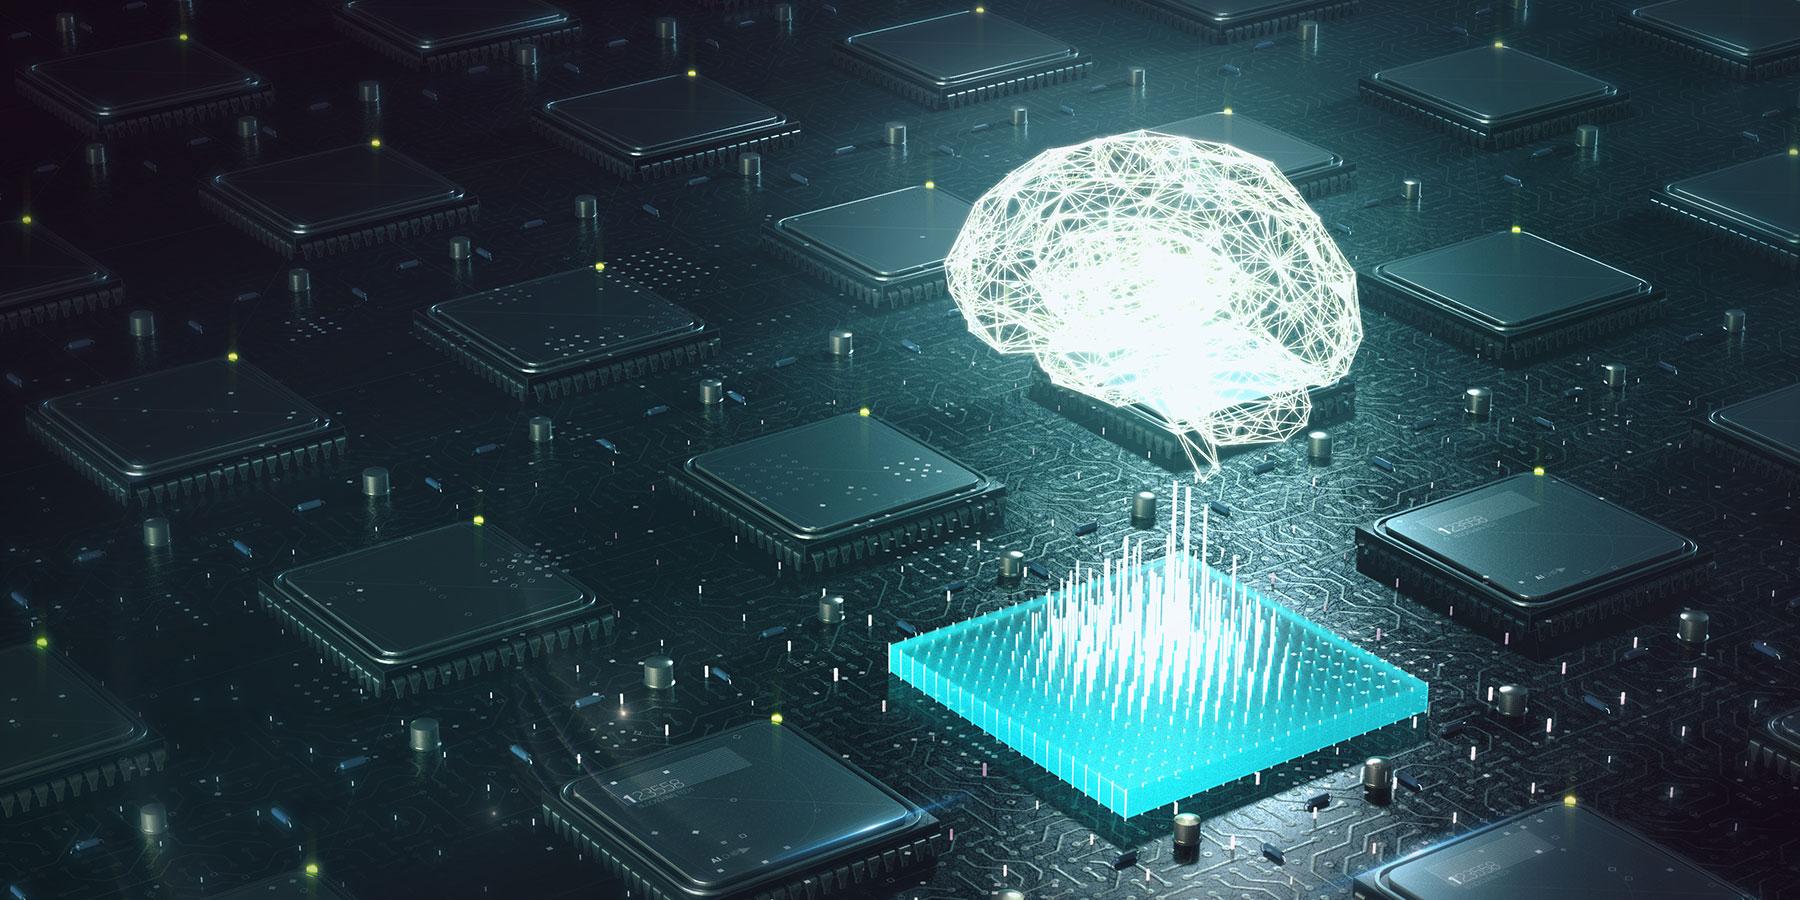 A Flexible Brain for AI